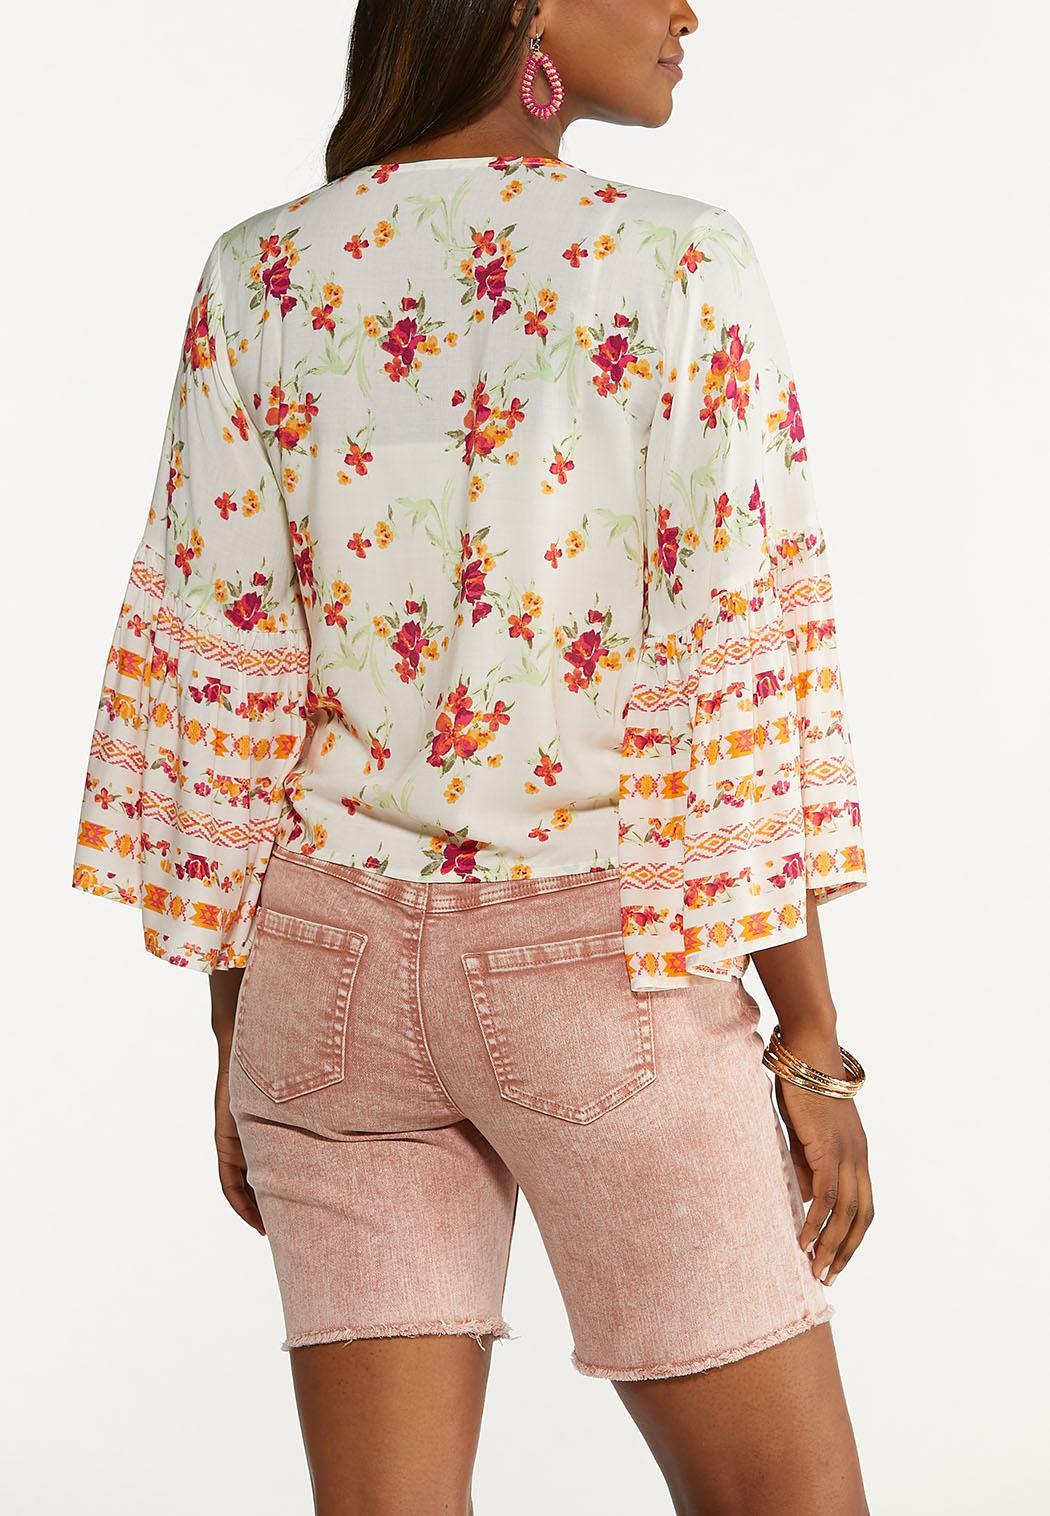 Plus Size Floral Tie Front Cardigan Top (Item #44608300)